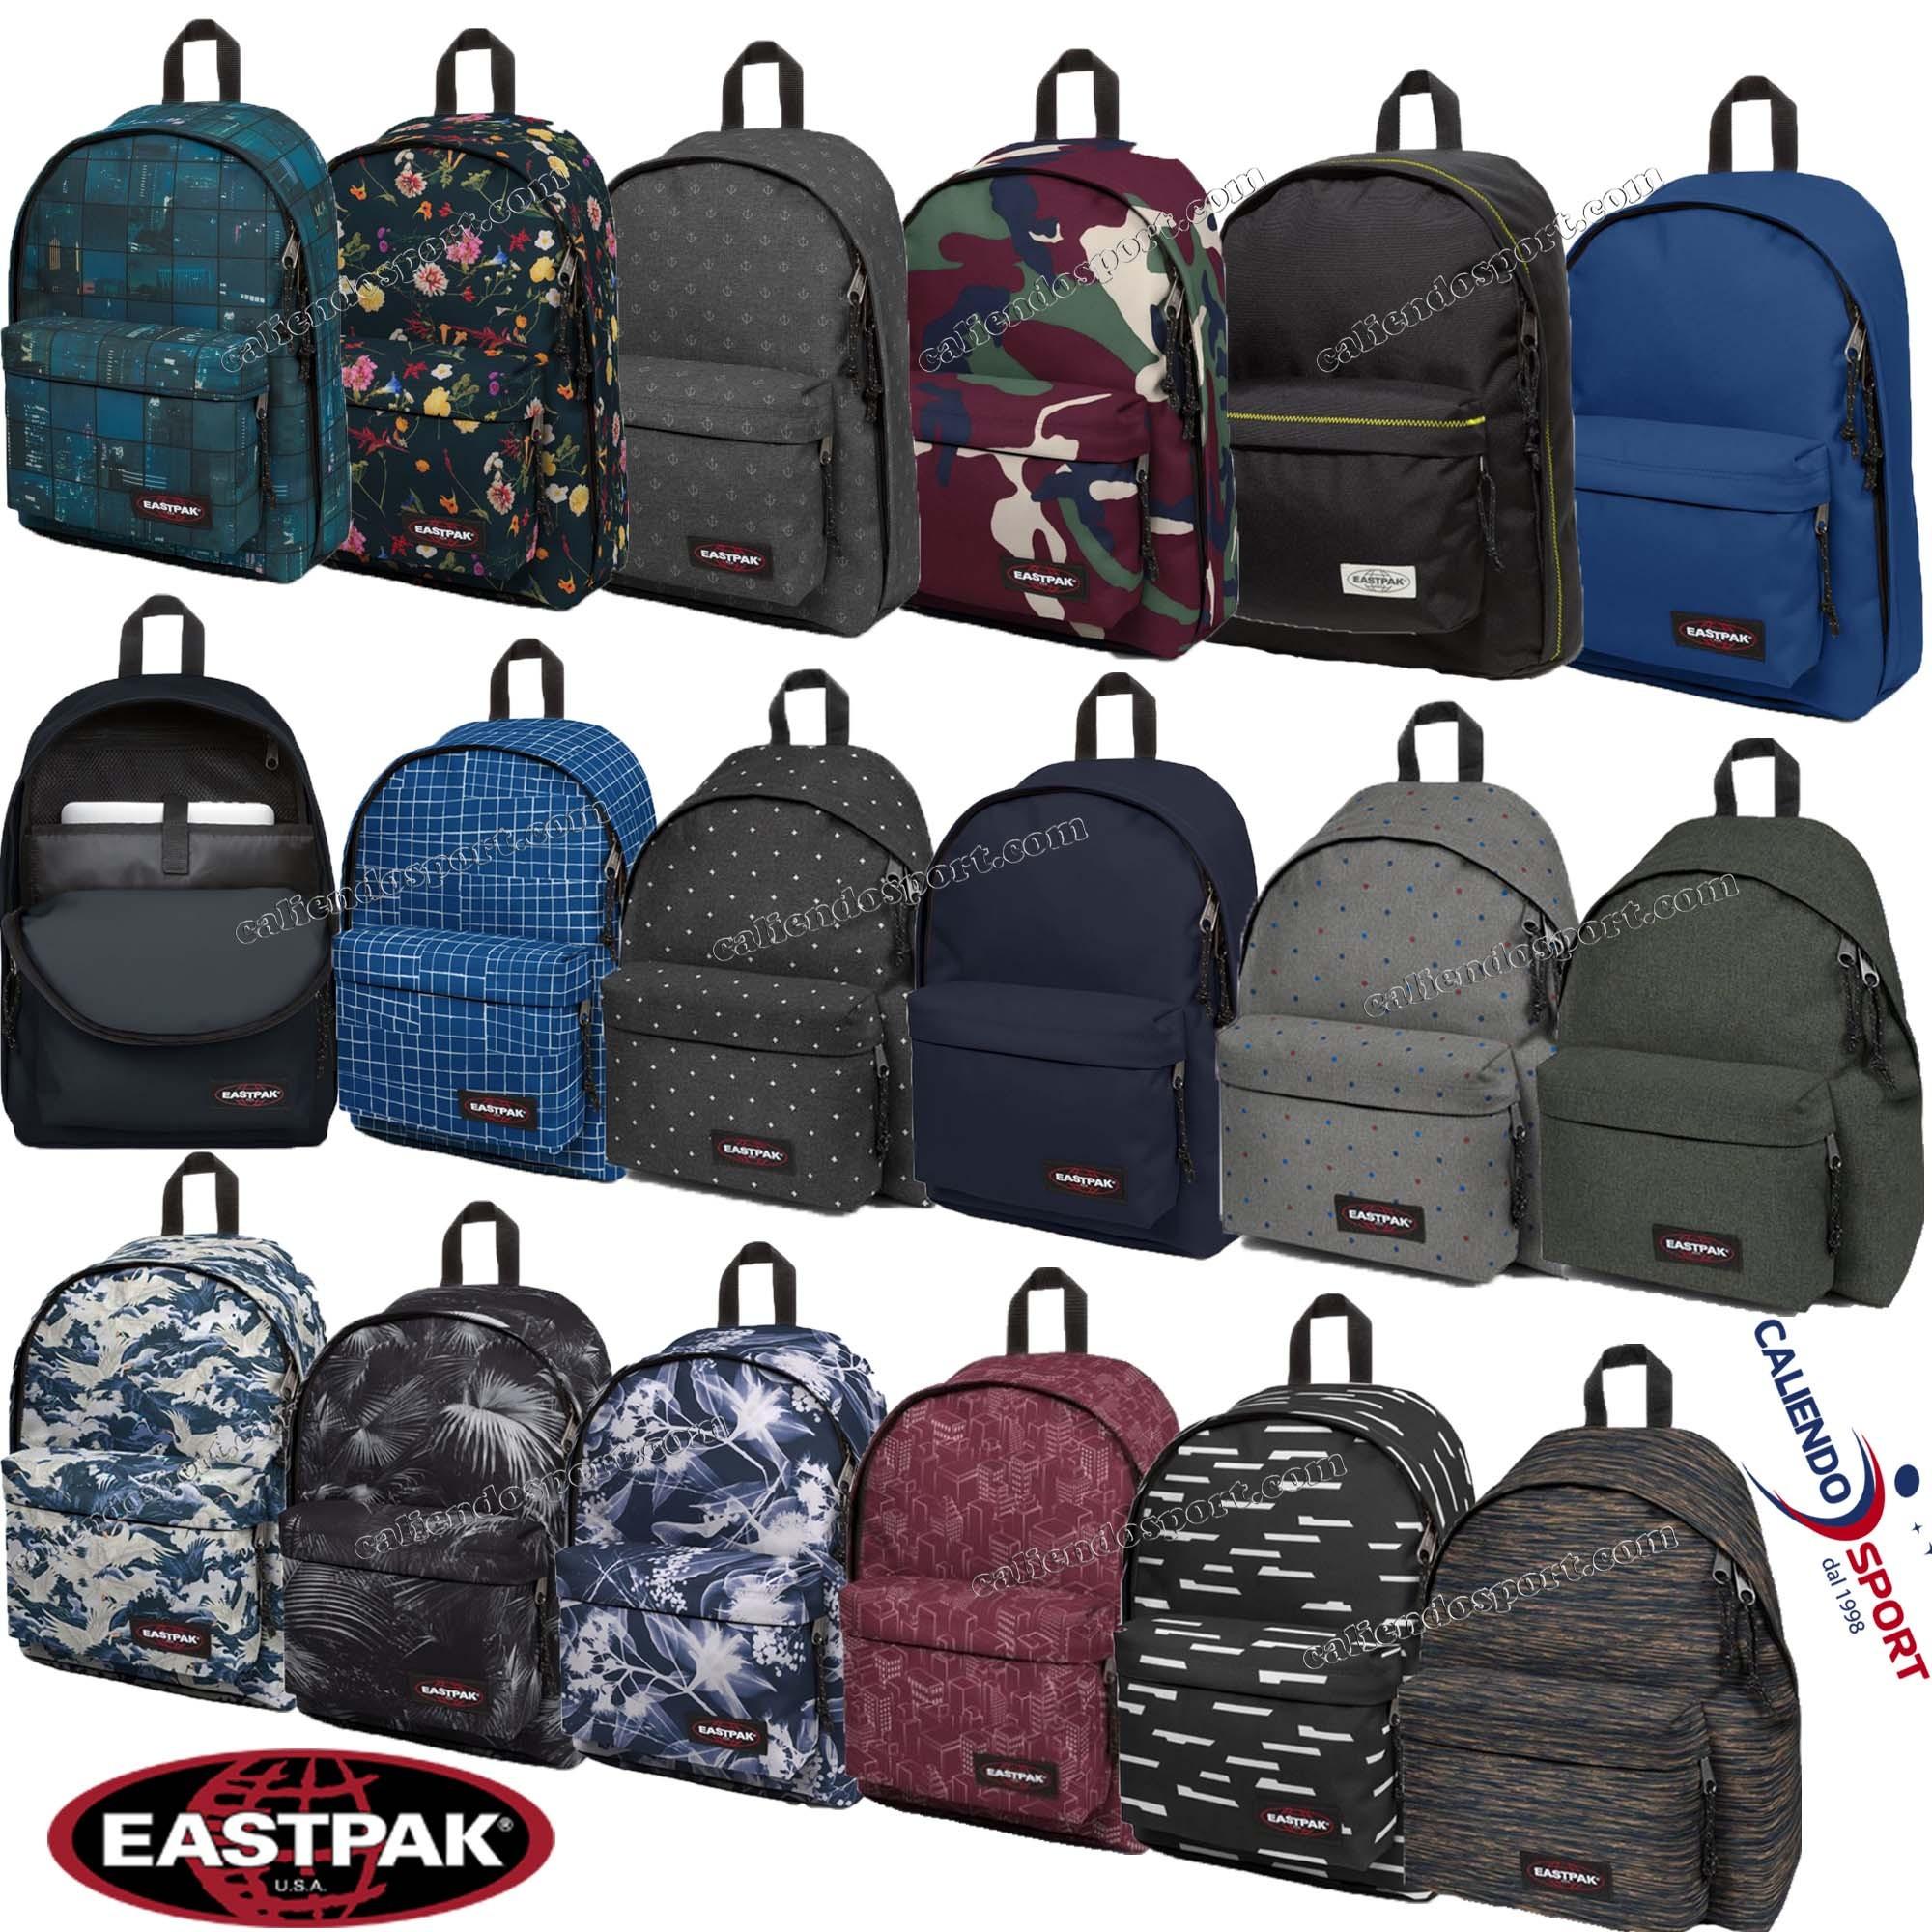 eastpak ek767